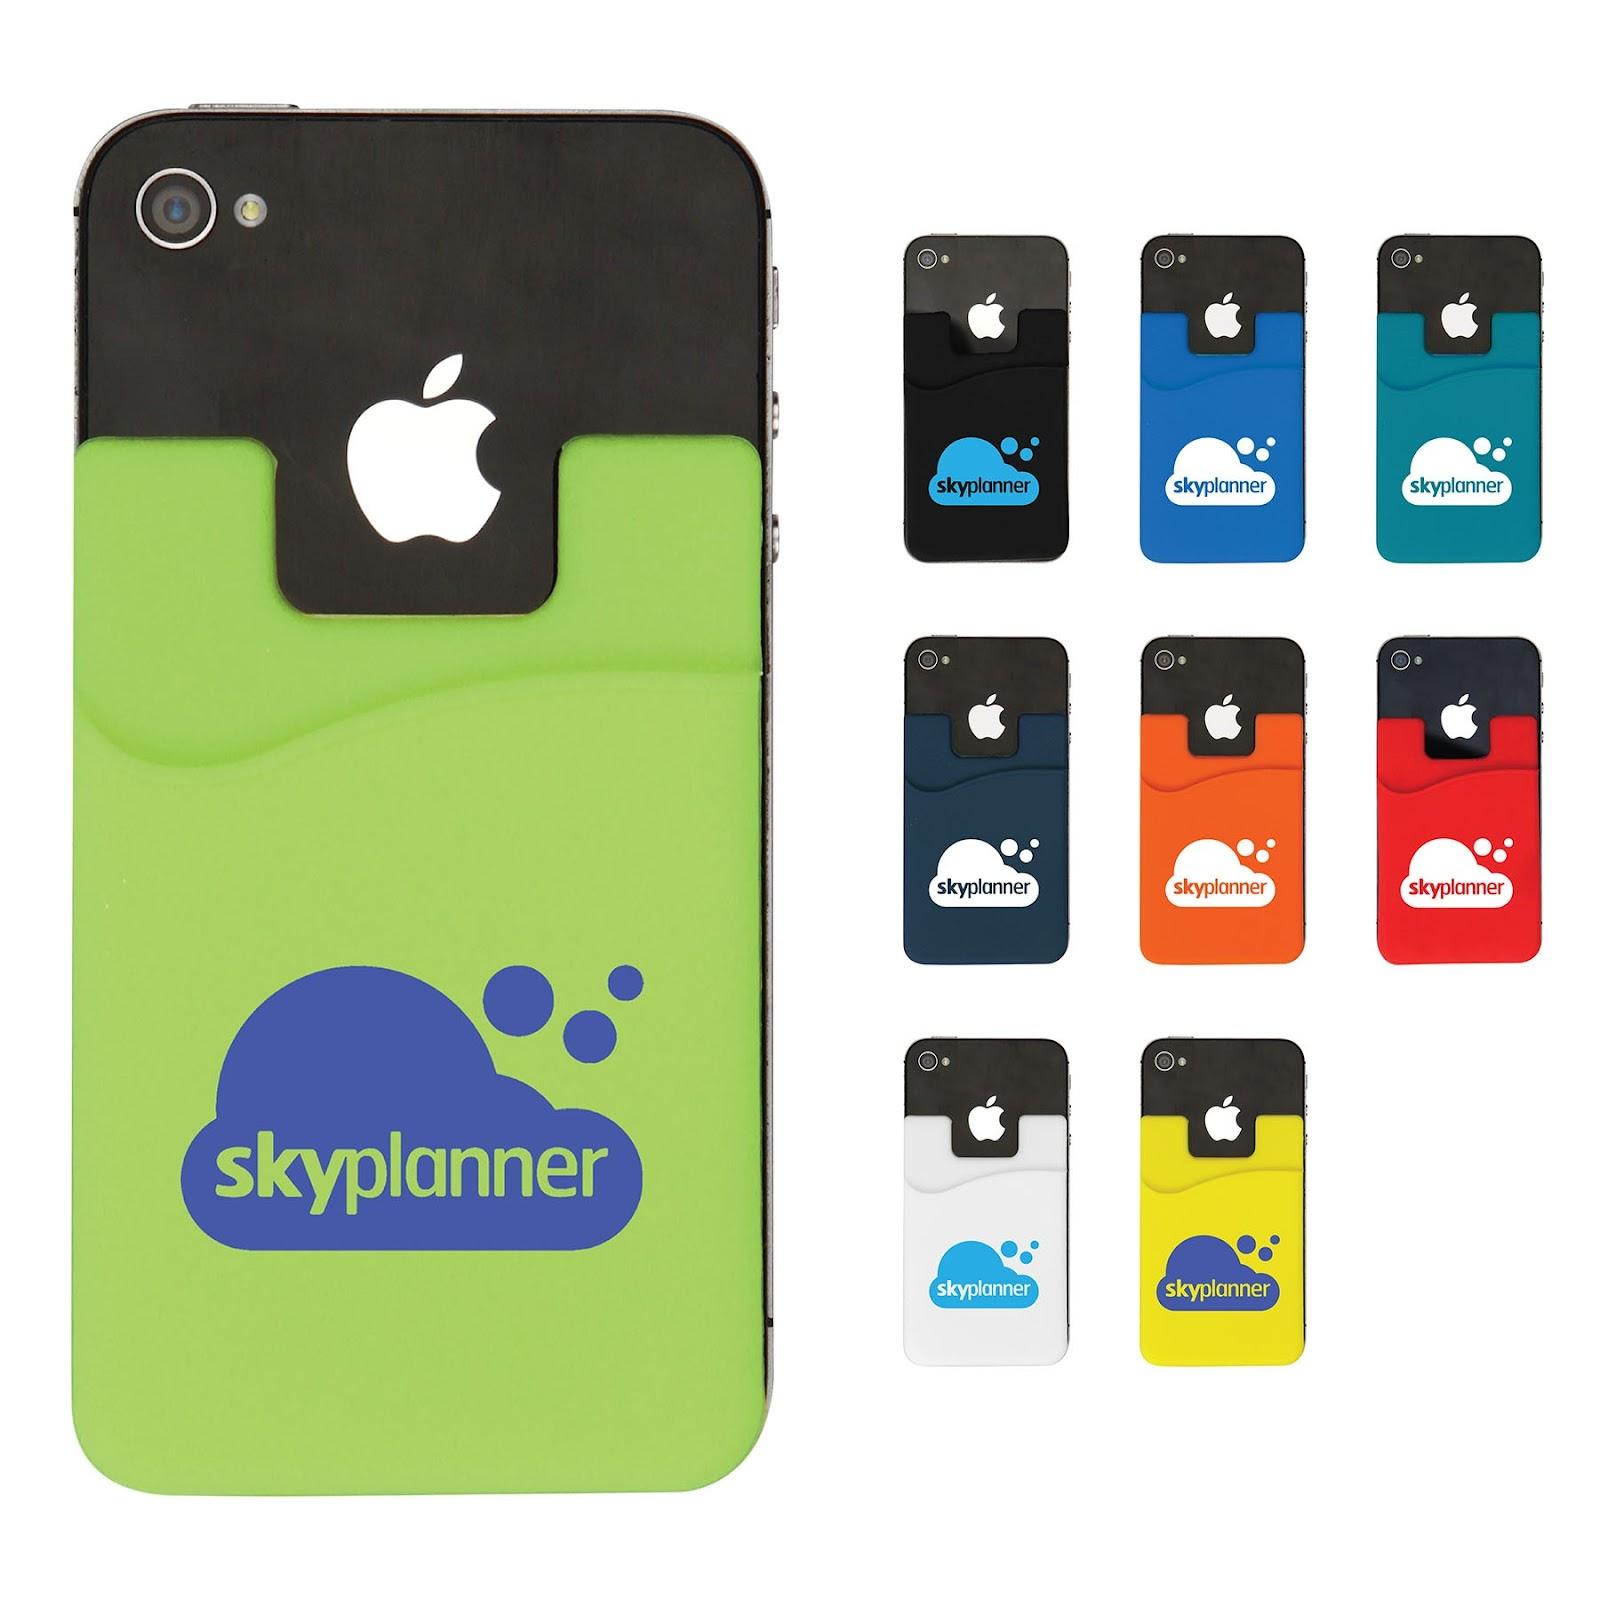 Phone Accessories Under $10